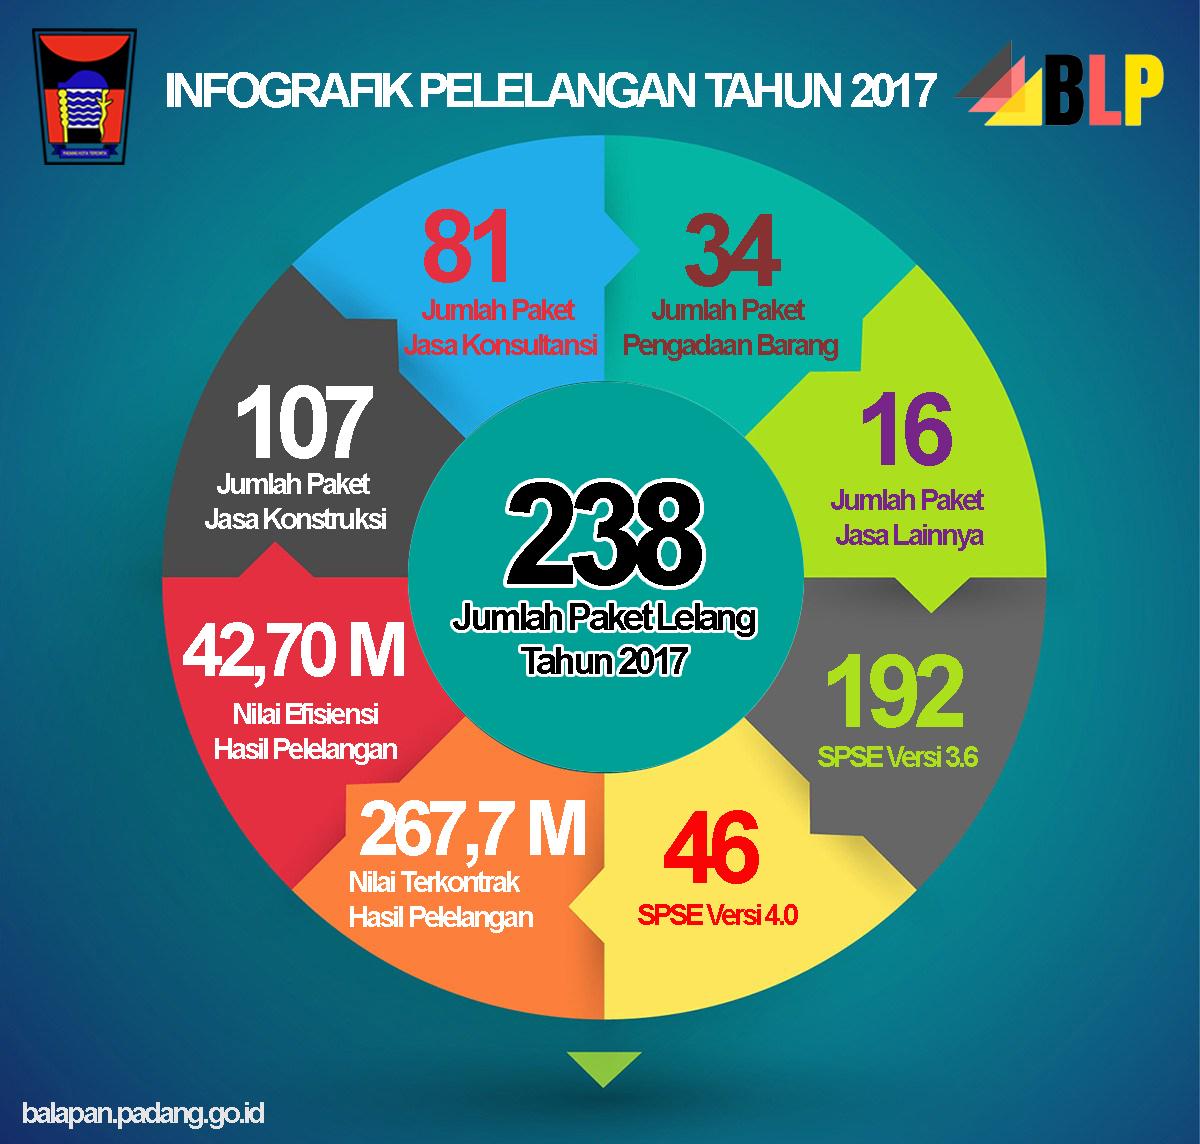 Infografik Pelelangan Pemerintah Kota Padang Tahun 2017